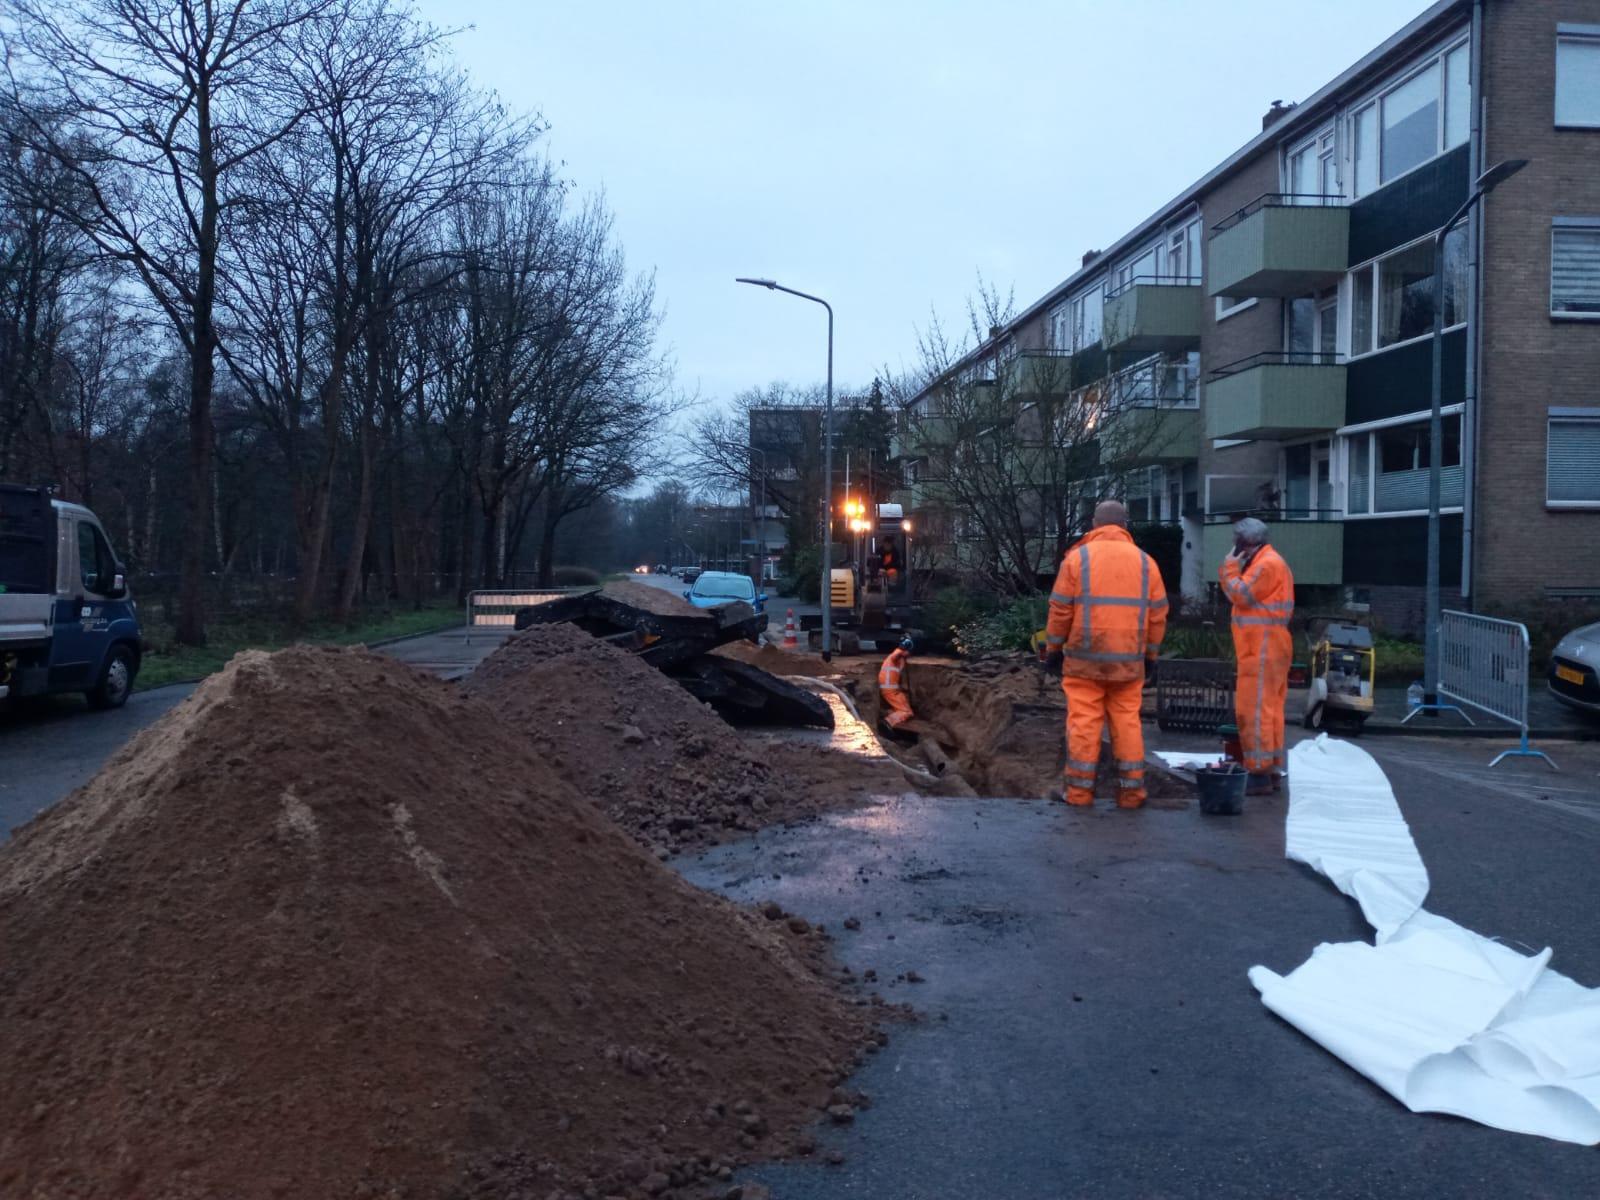 130 Hilversumse huizen zonder water na leidingbreuk, ook problemen in Eemnes